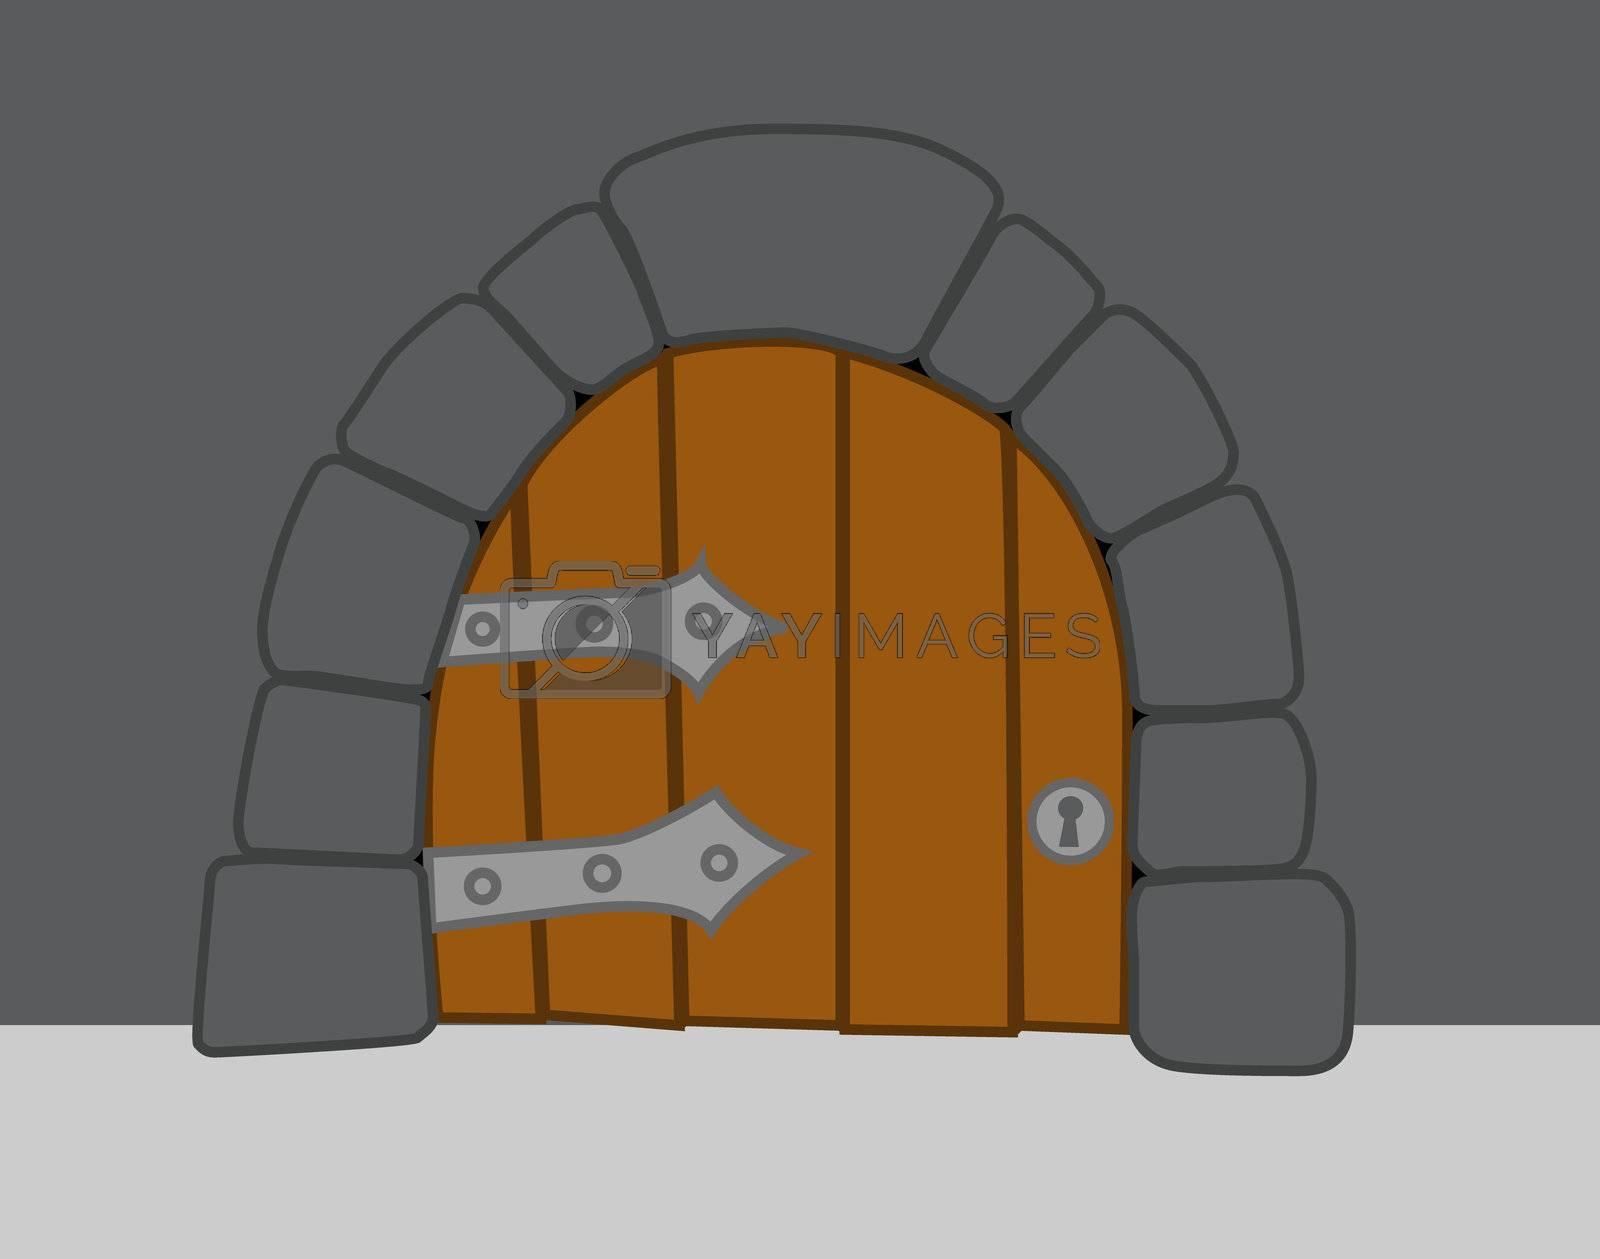 old heavy door in comic style